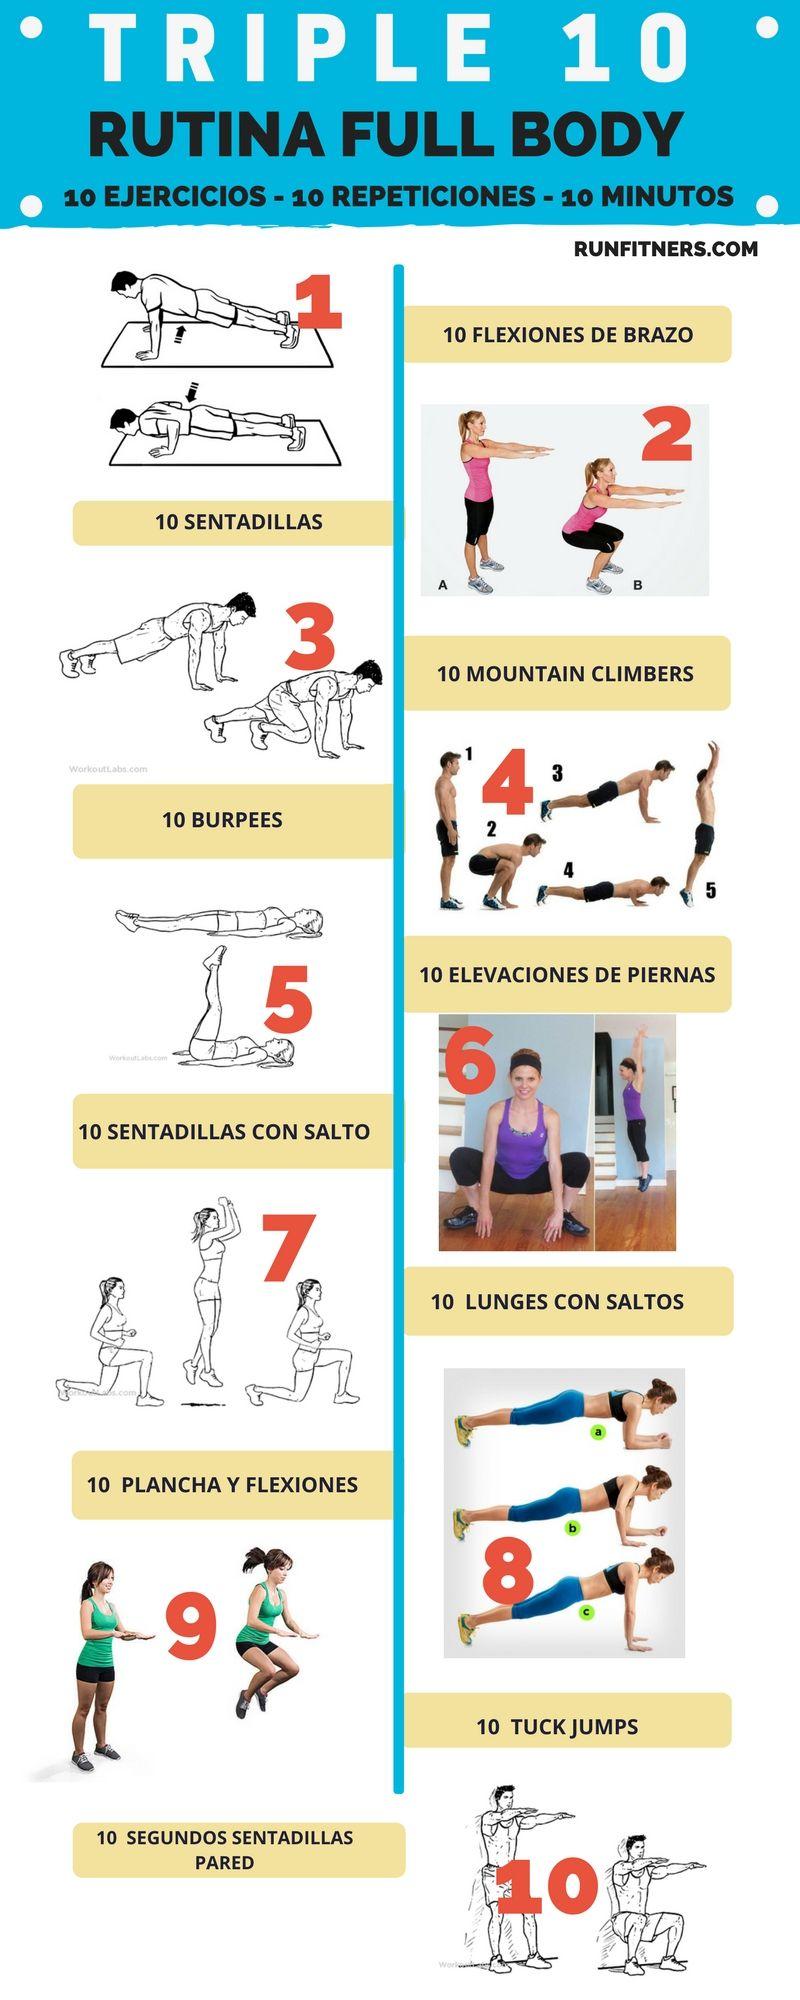 Circuito Quemagrasas : Rutina full body: triple 10 [ infografÍa] correr pinterest